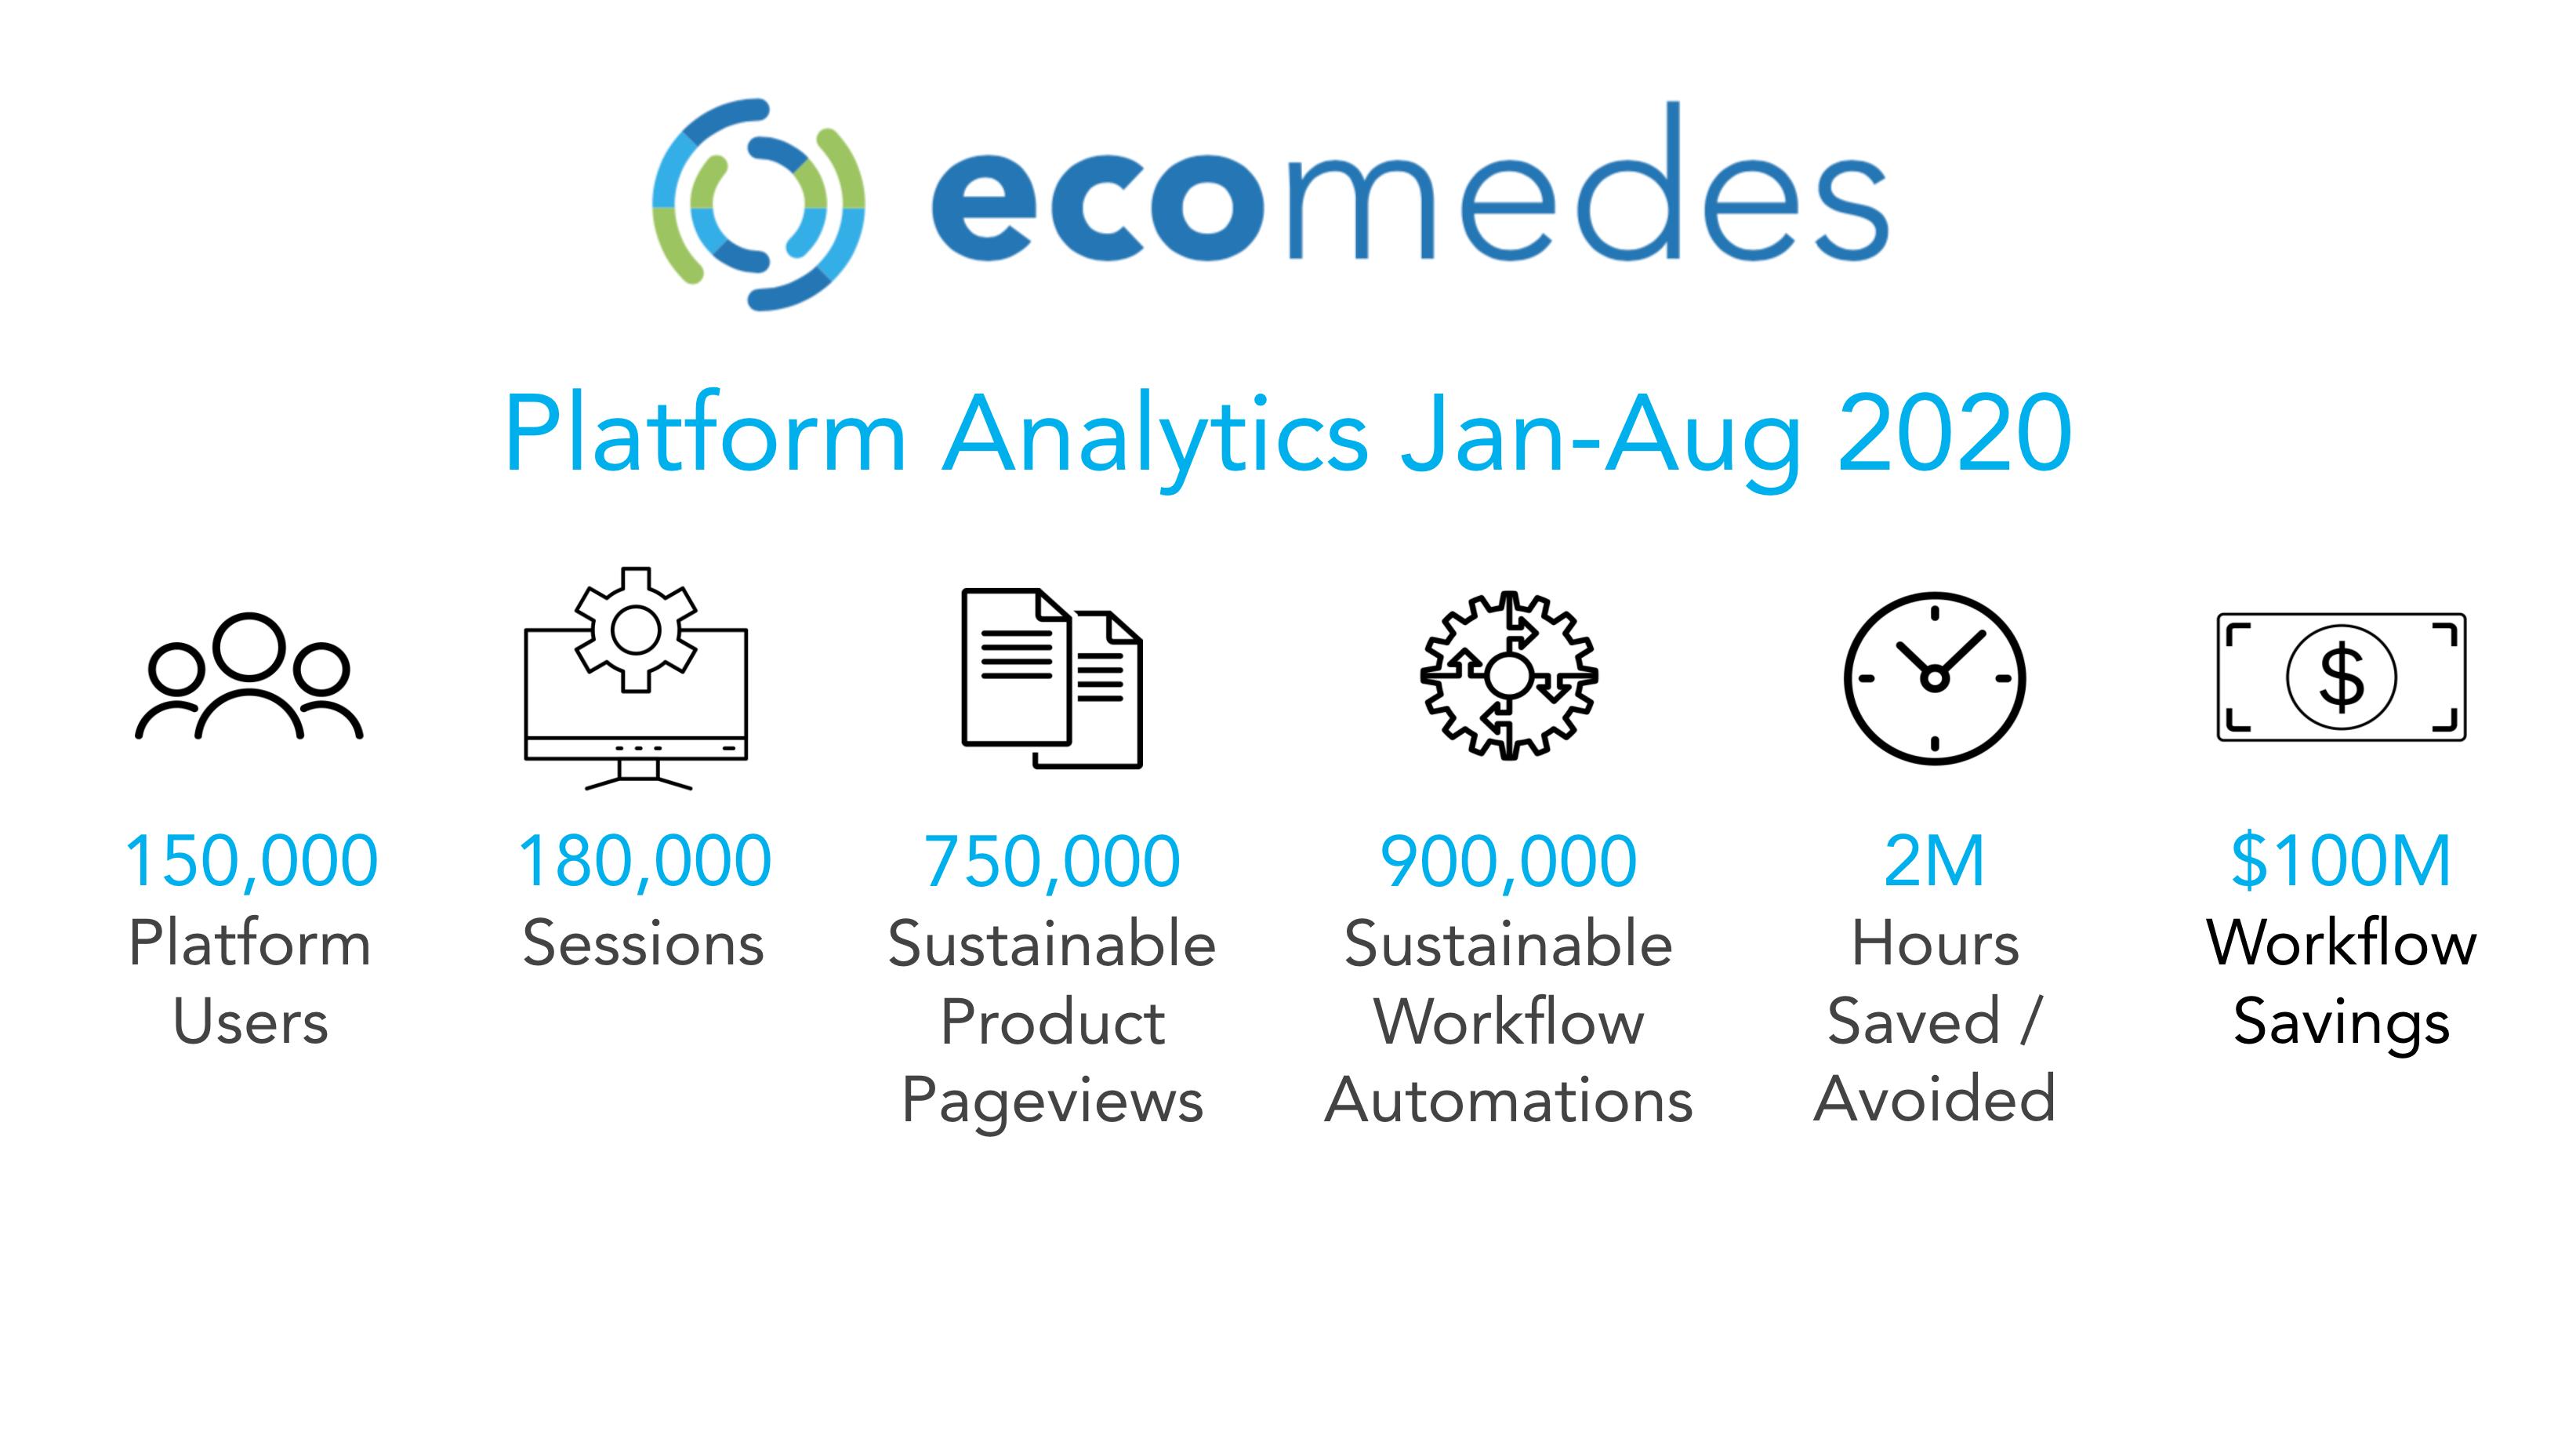 ecomedes Platform Analytics Jan-Aug 2020